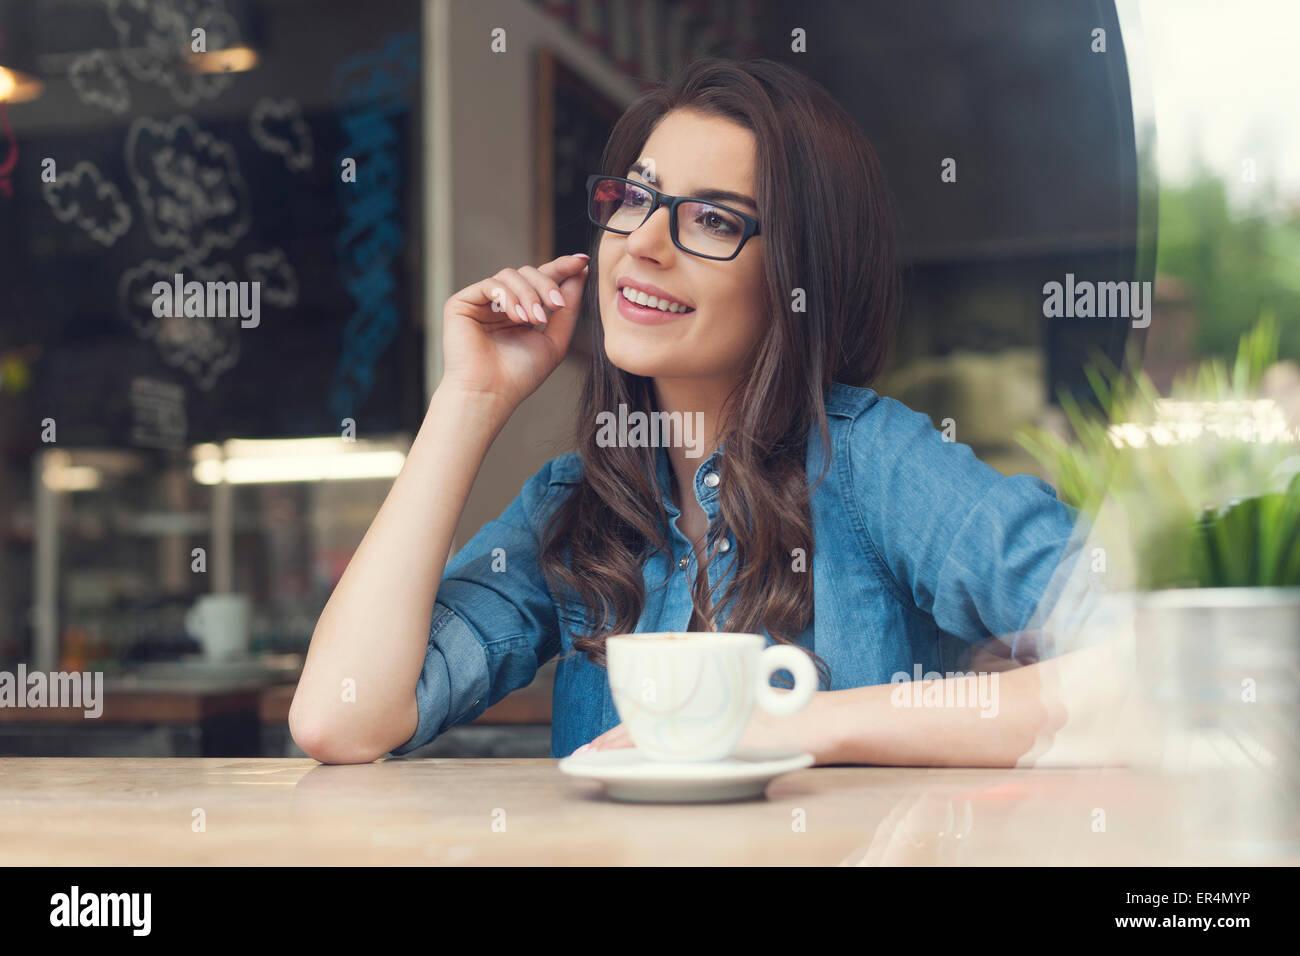 Schöne Frau mit modischen Brille im Café. Krakau, Polen Stockbild